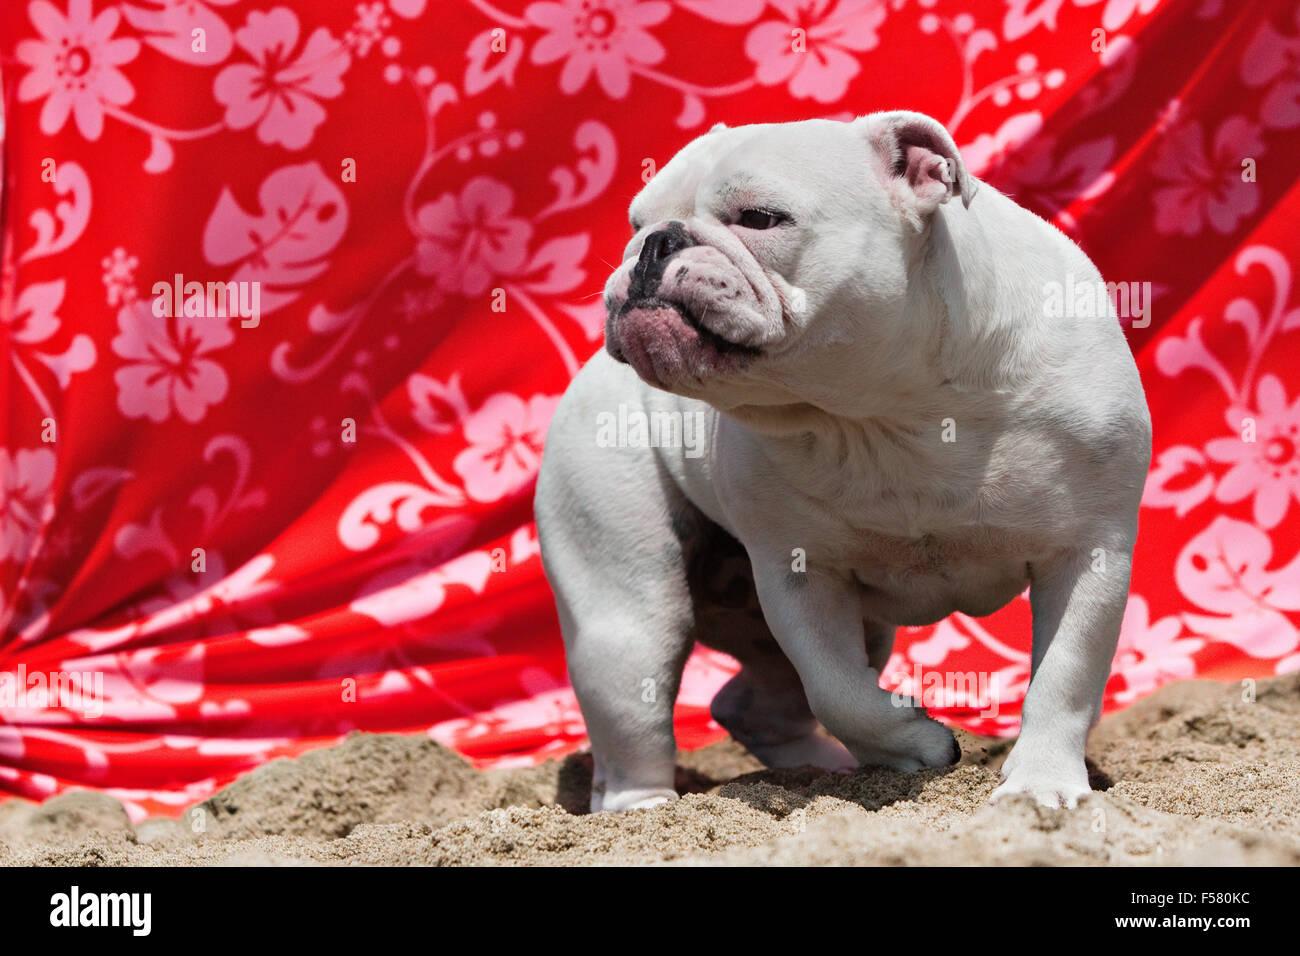 Cuerpo completo de blanco Bulldog caminar en la arena en la playa en frente de estampados florales naranja drapeado Imagen De Stock